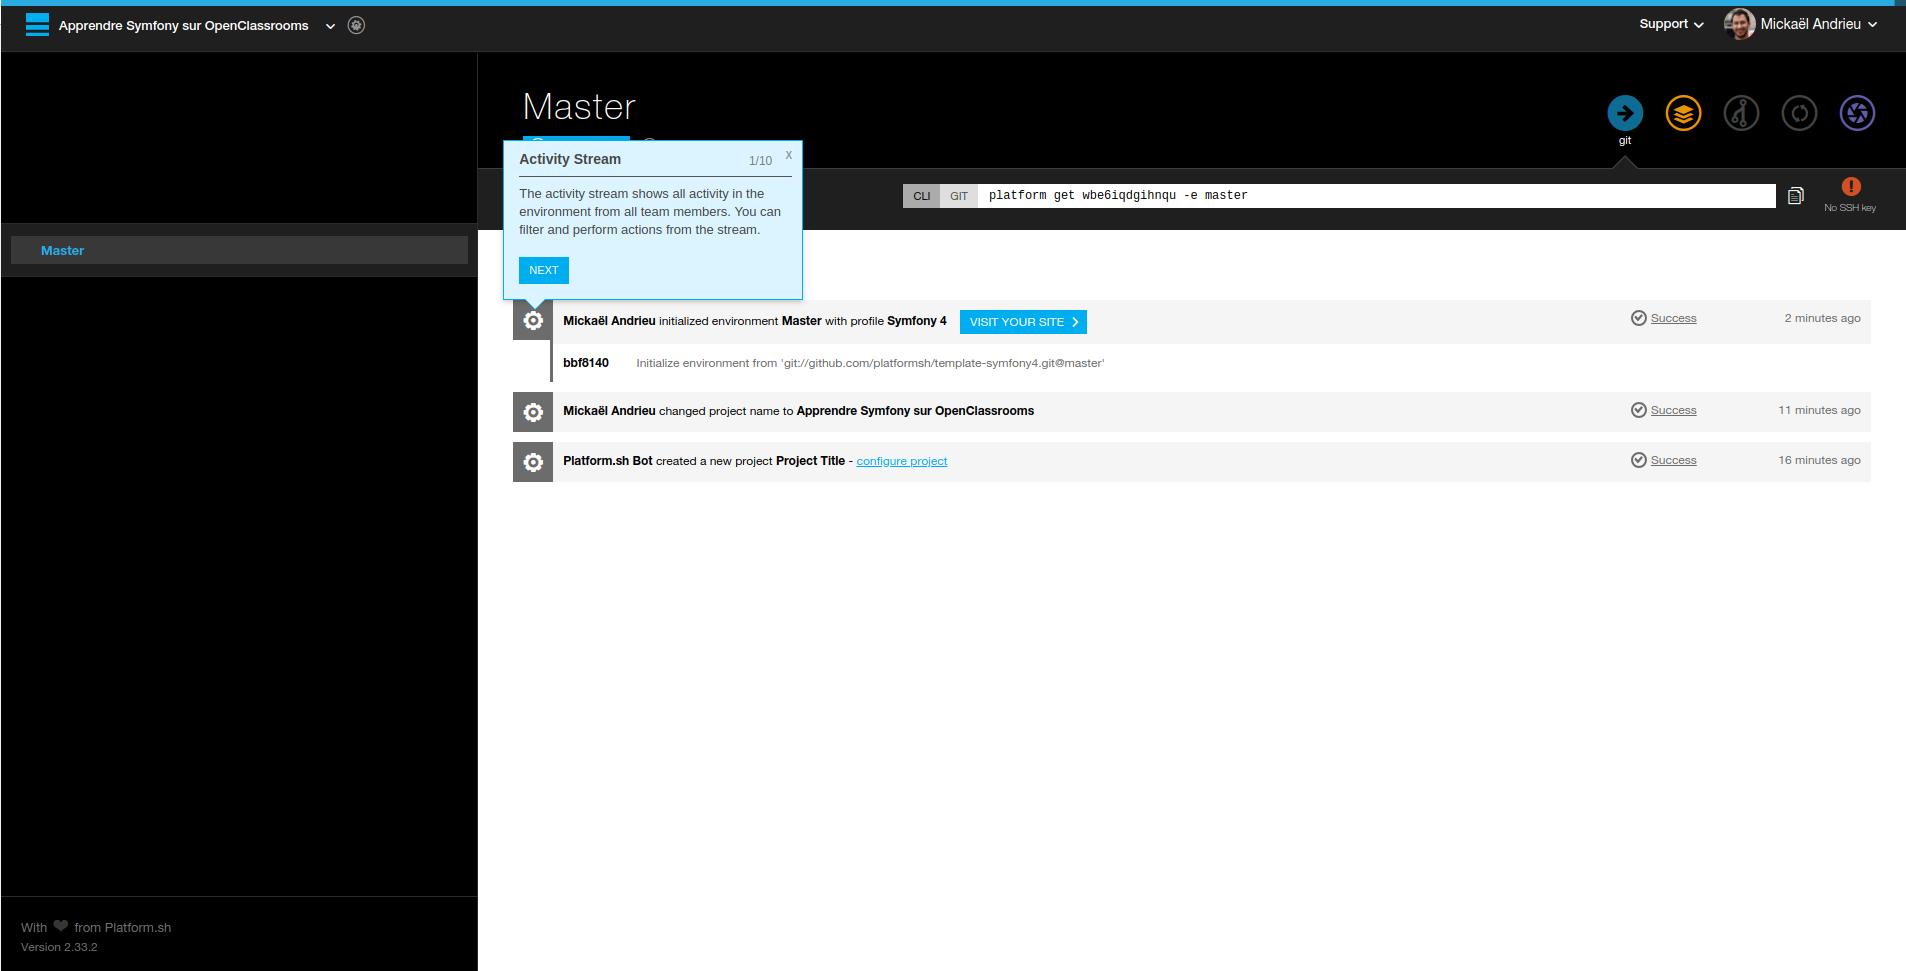 La page d'un projet sur Platform.sh